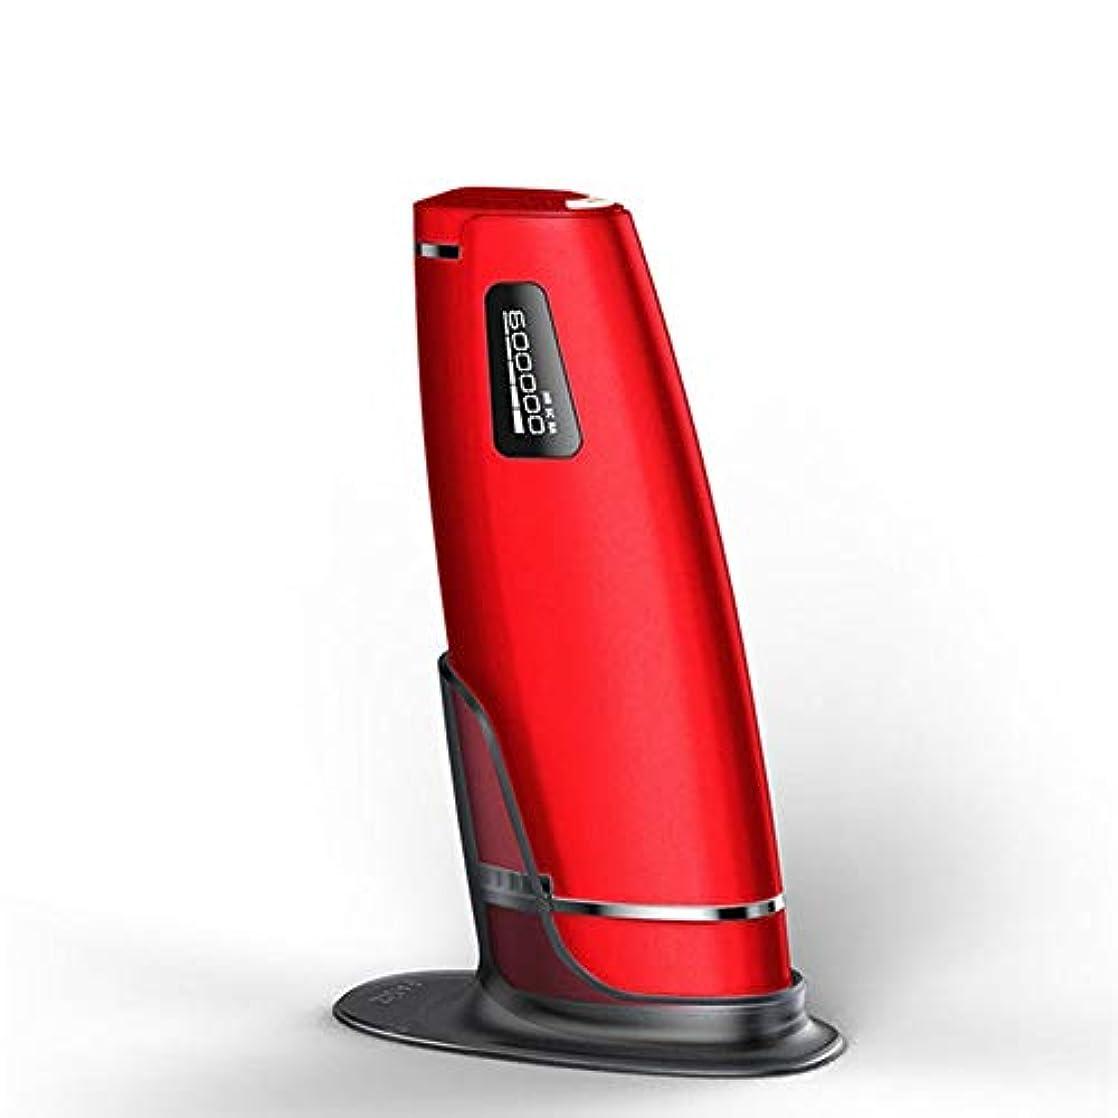 技術者影響力のあるシェフダパイ 赤、デュアルモード、ホームオートマチック無痛脱毛剤、携帯用永久脱毛剤、5スピード調整、サイズ20.5 X 4.5 X 7 Cm U546 (Color : Red)